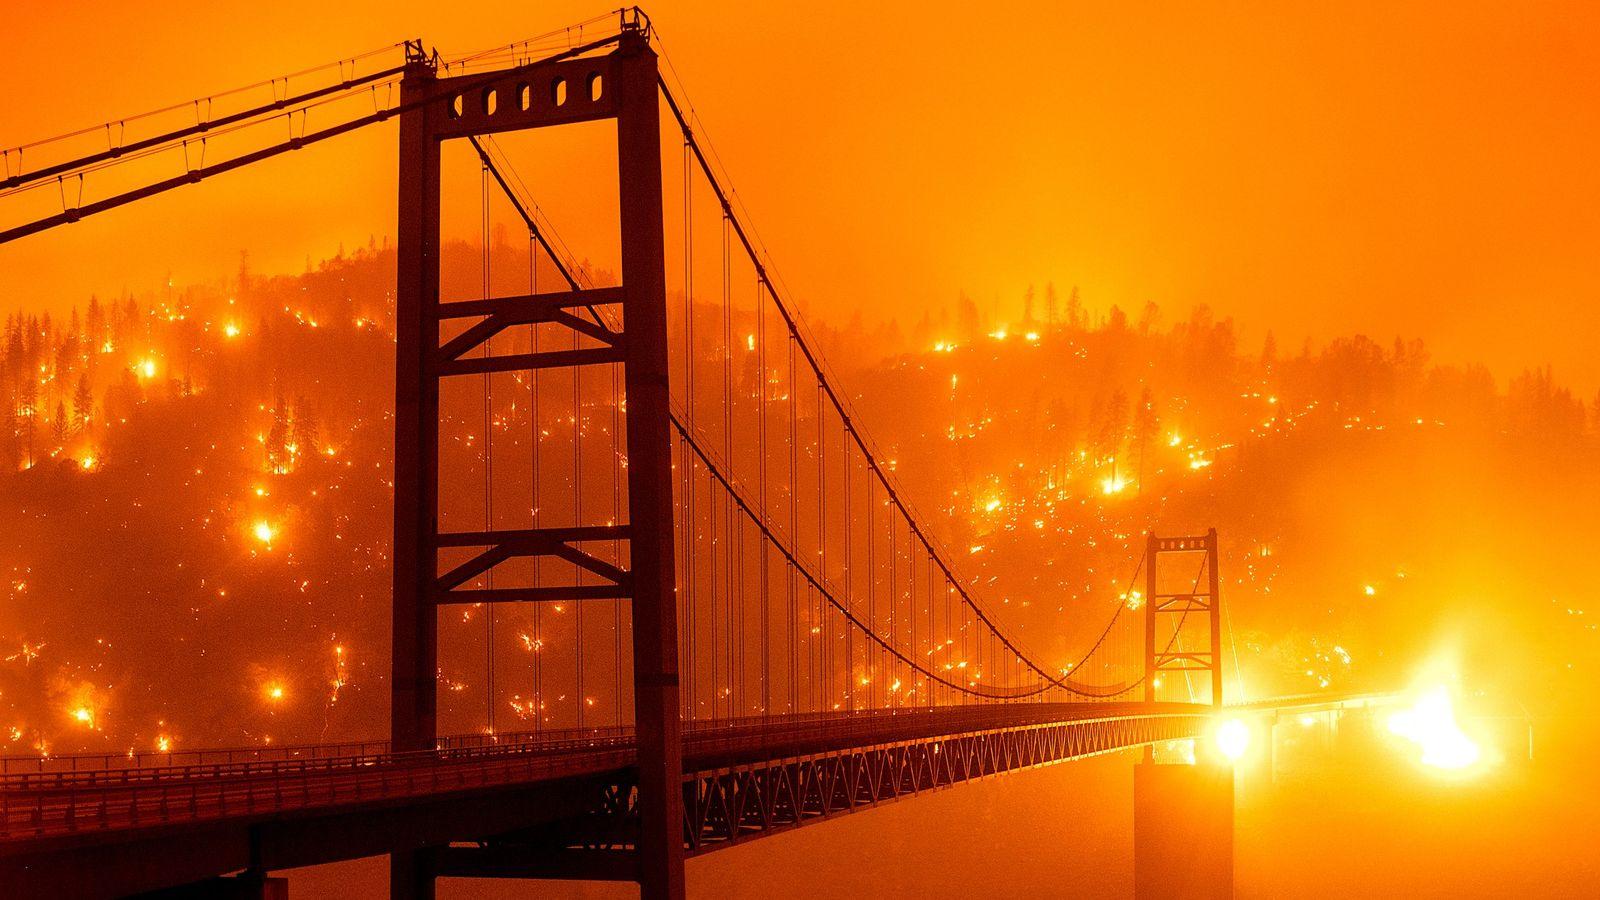 No norte da Califórnia, rajadas de ventos fortes intensificaram as chamas do incêndio batizado de Bear Fire, iniciado ...